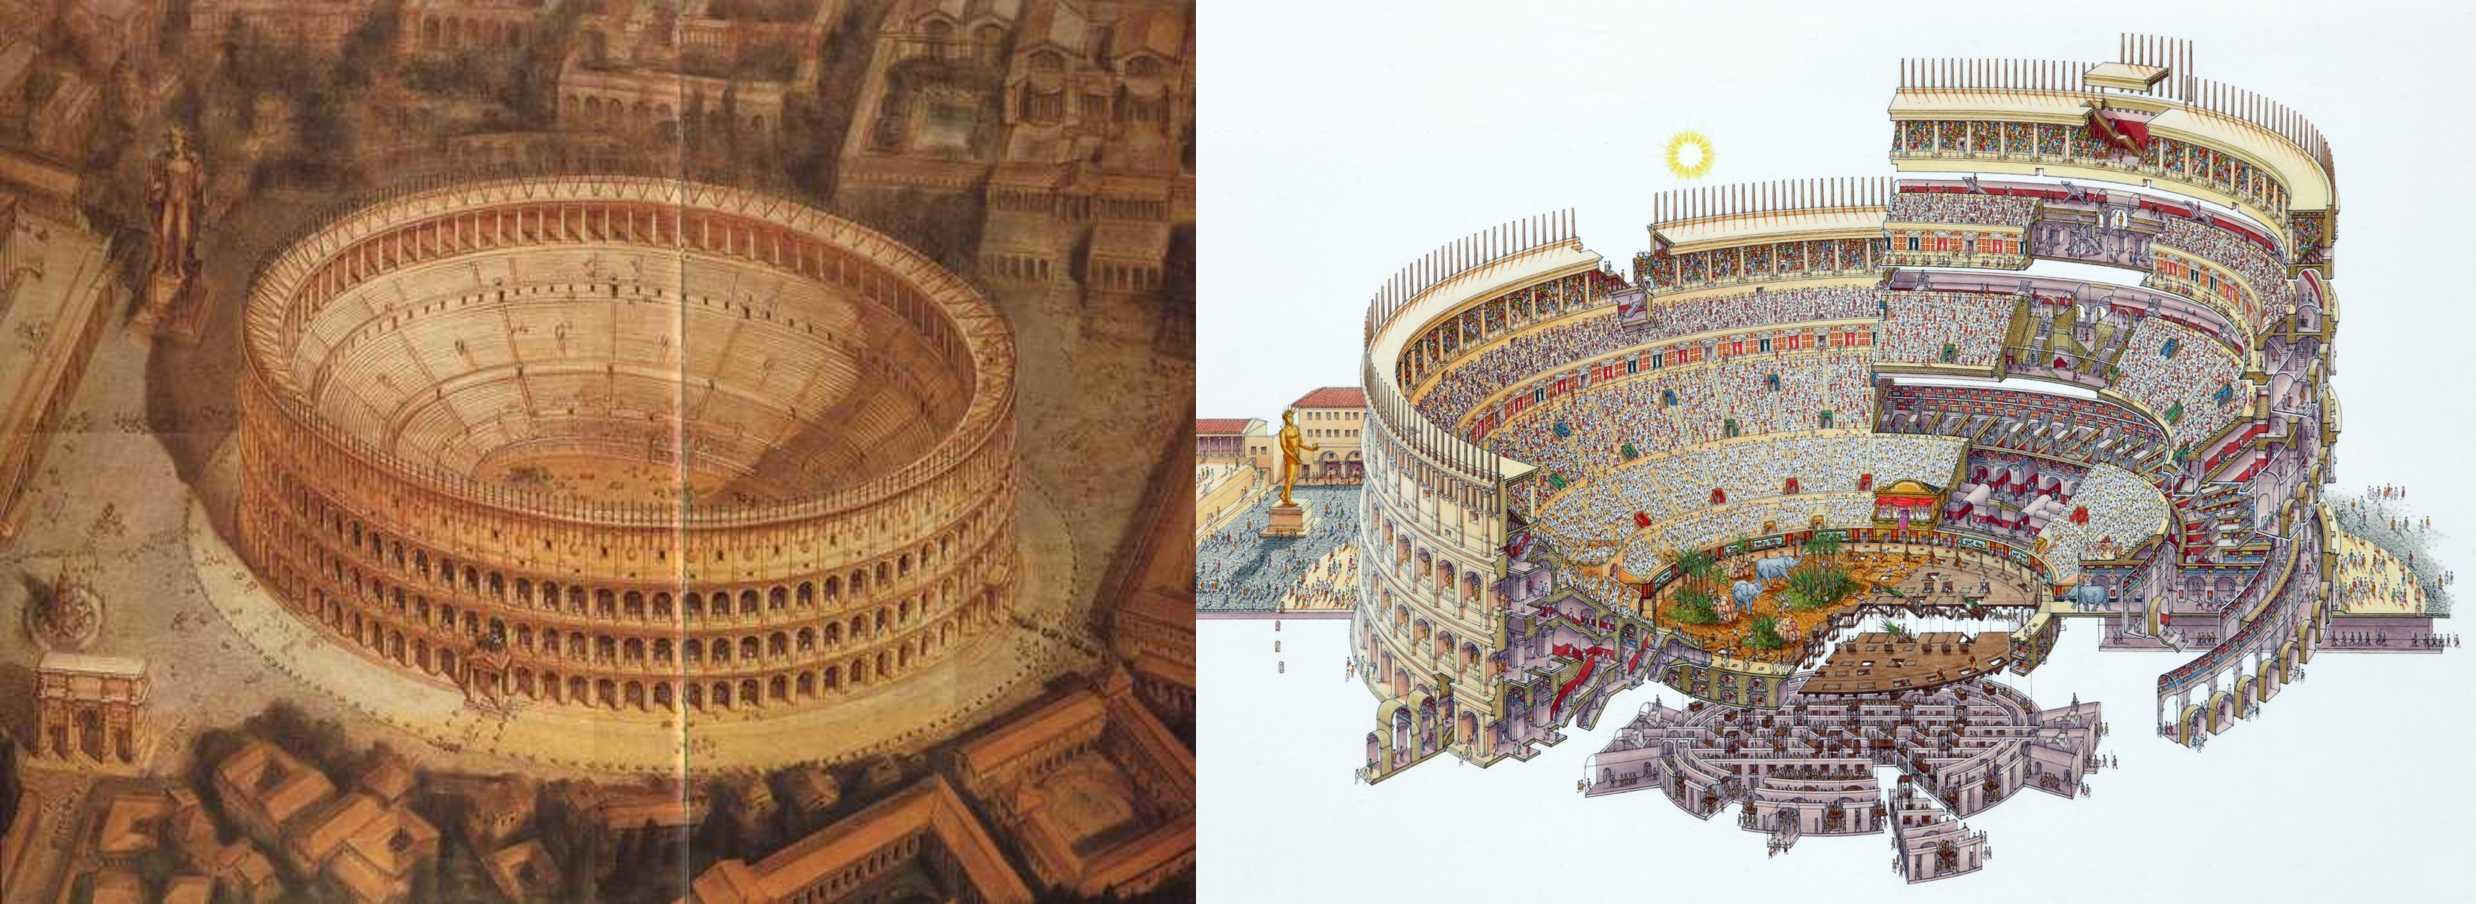 Колзей Рима: фото былого величия